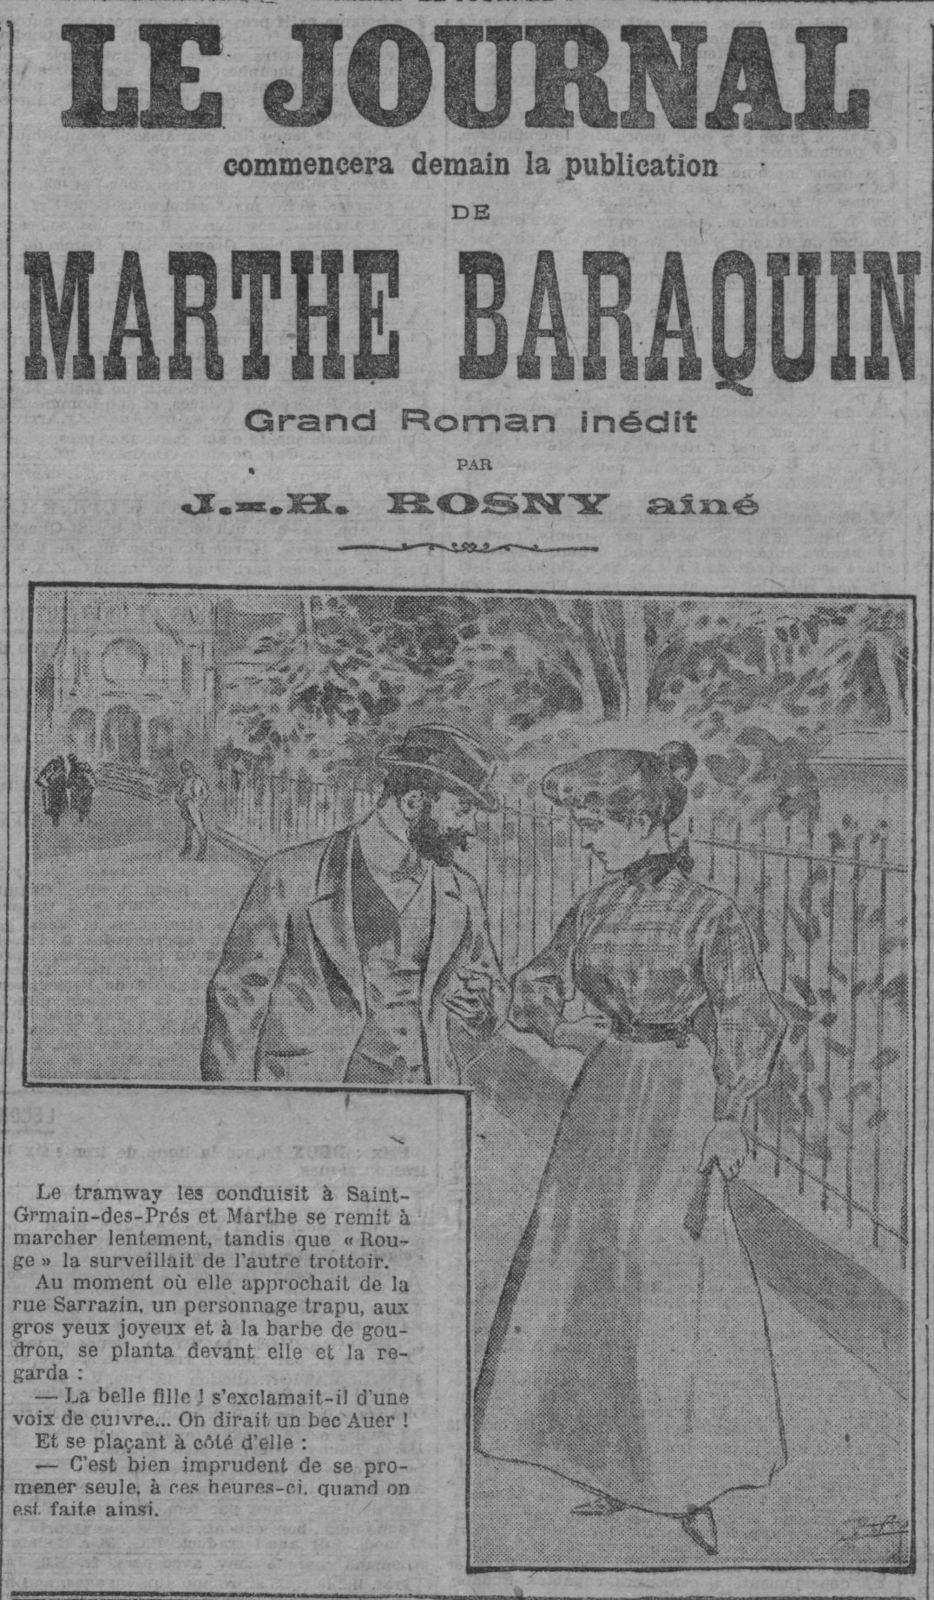 Les origines de la séparation des frères J.-H. Rosny en 1908